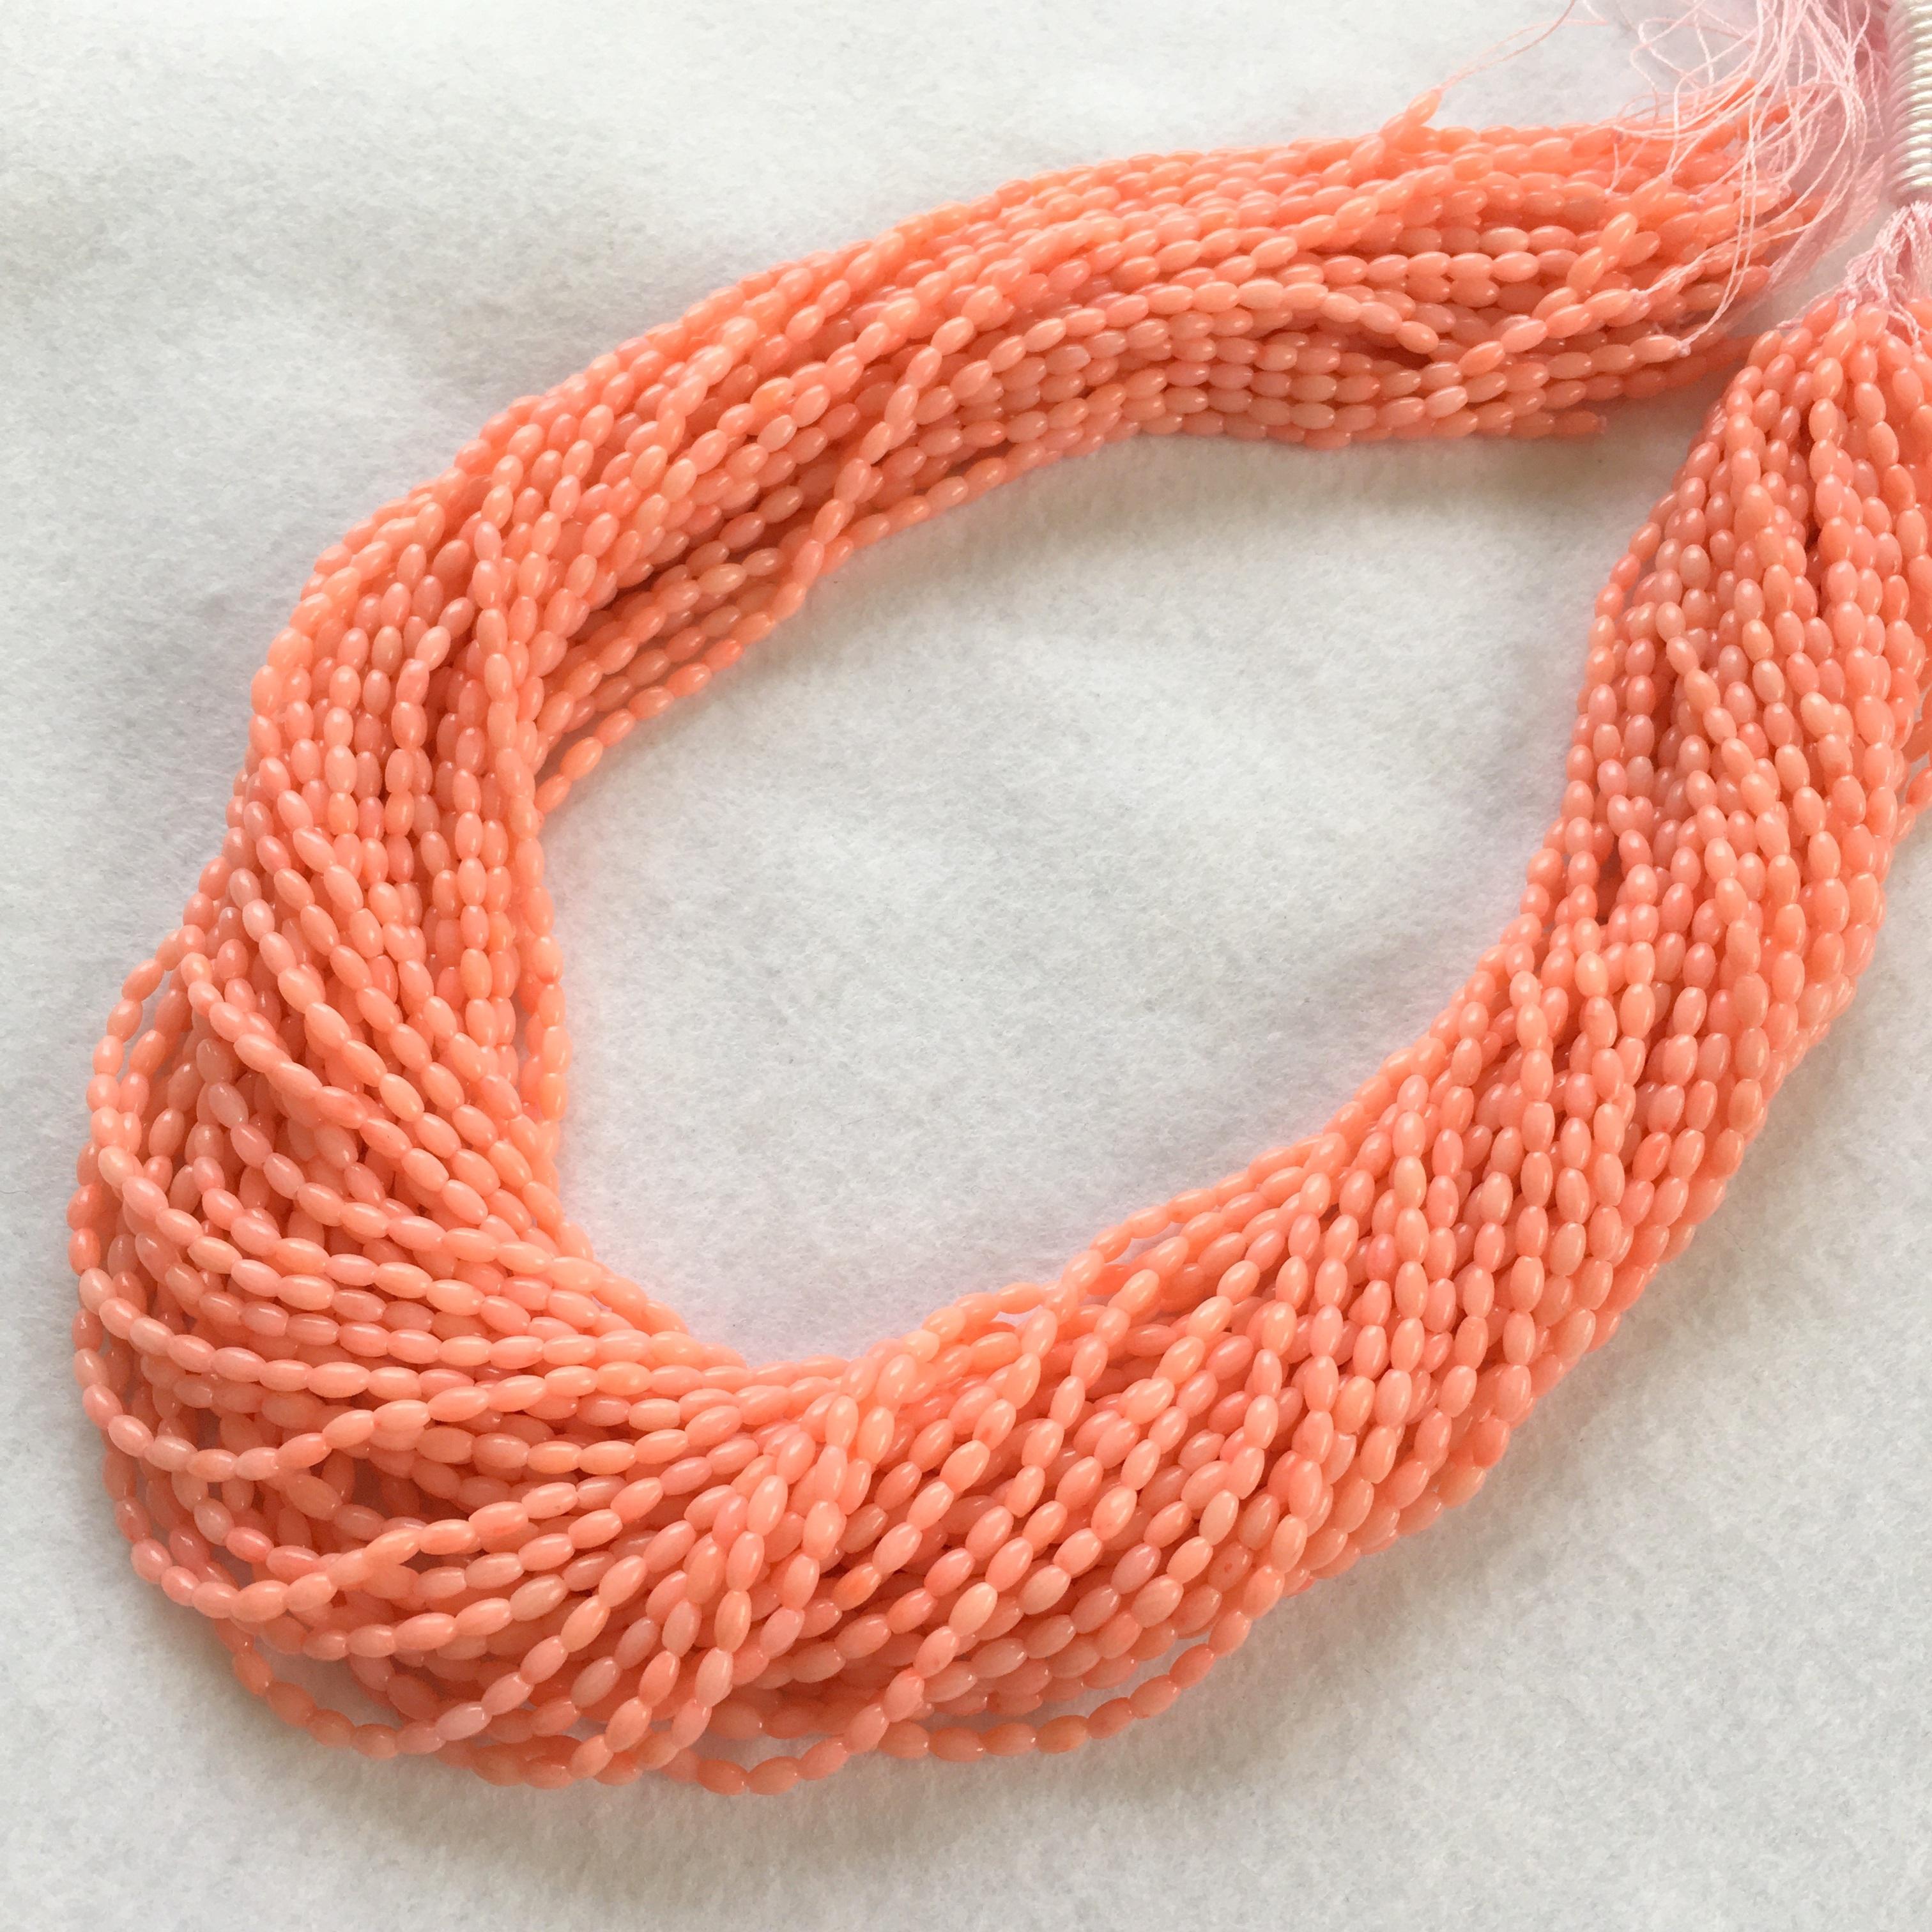 ピンク染サンゴ  ライス型約4x2㎜ 連材【193230】